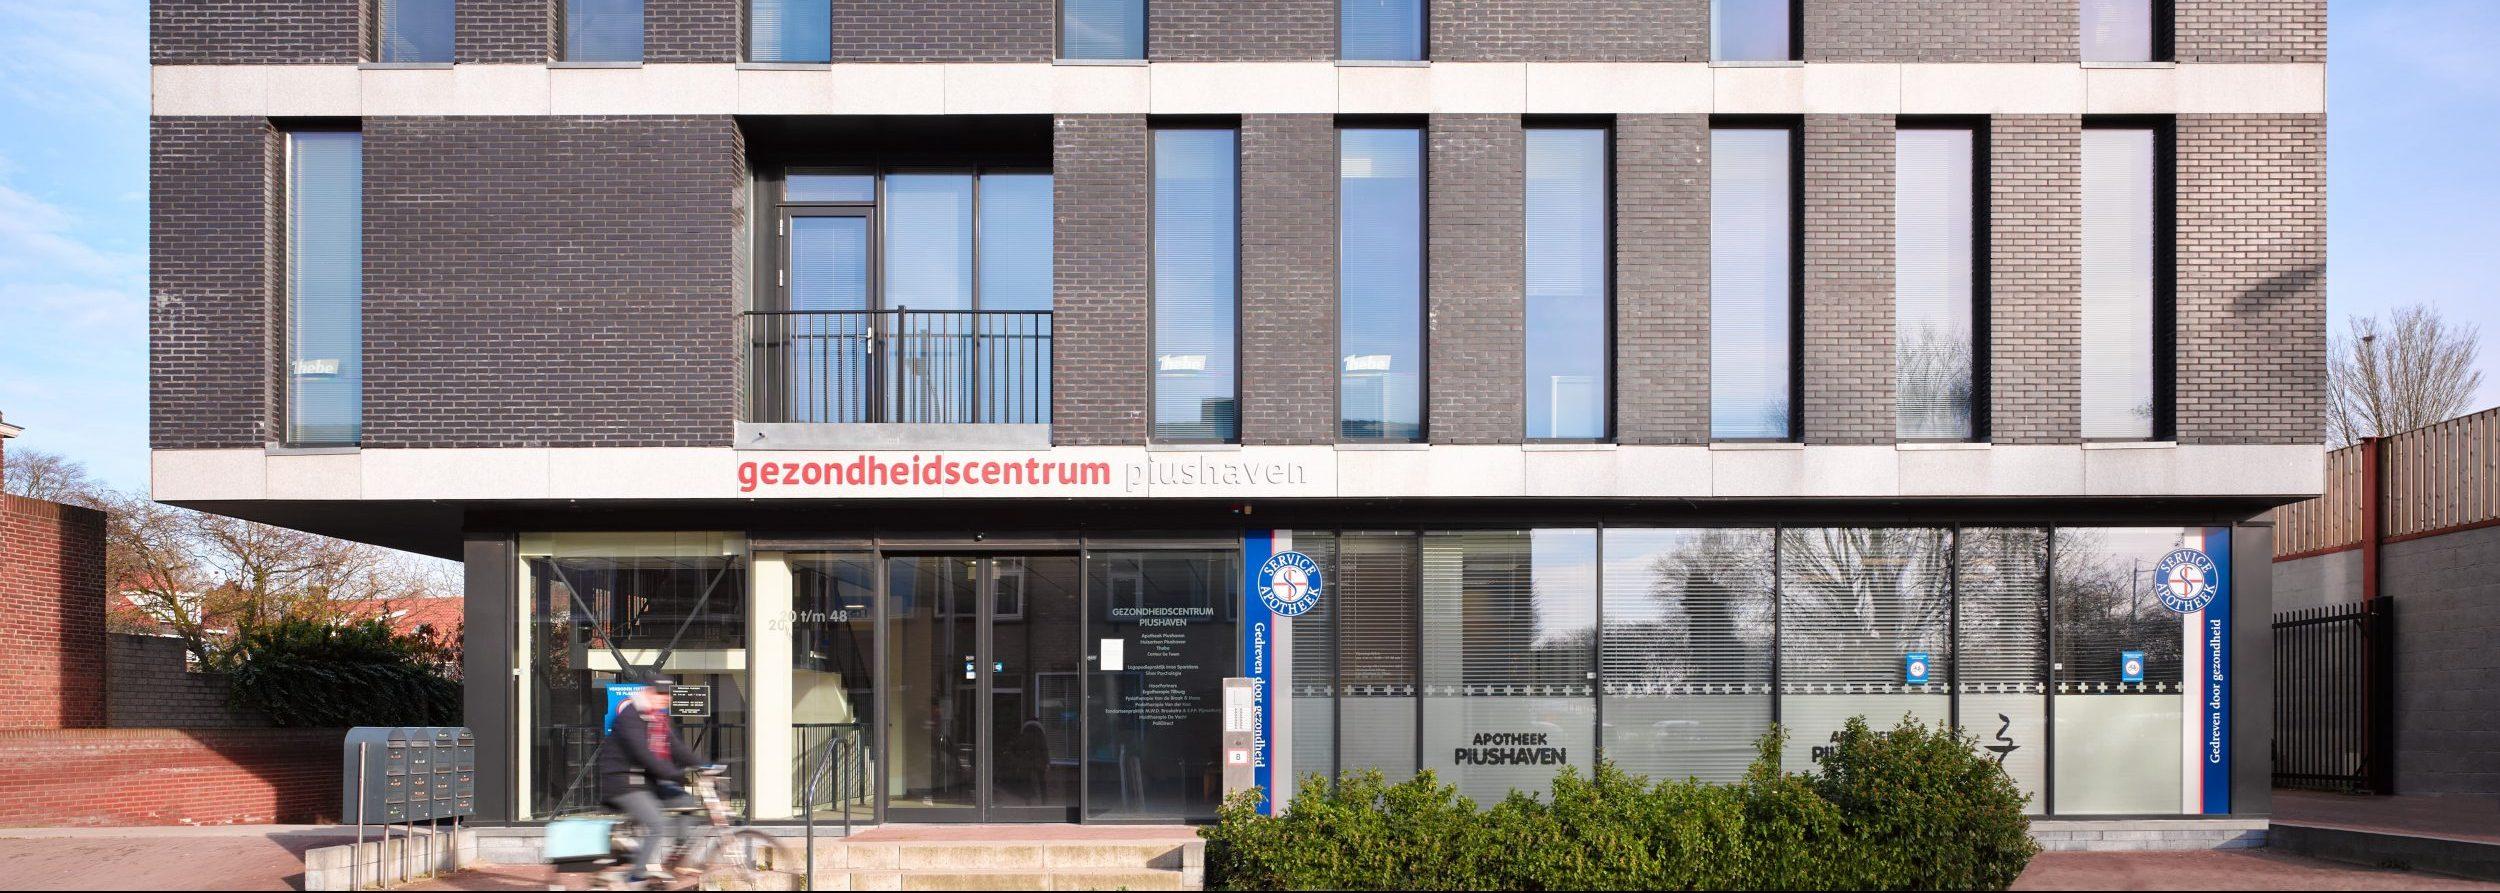 Gebouw gezondheidscentrum Piushaven